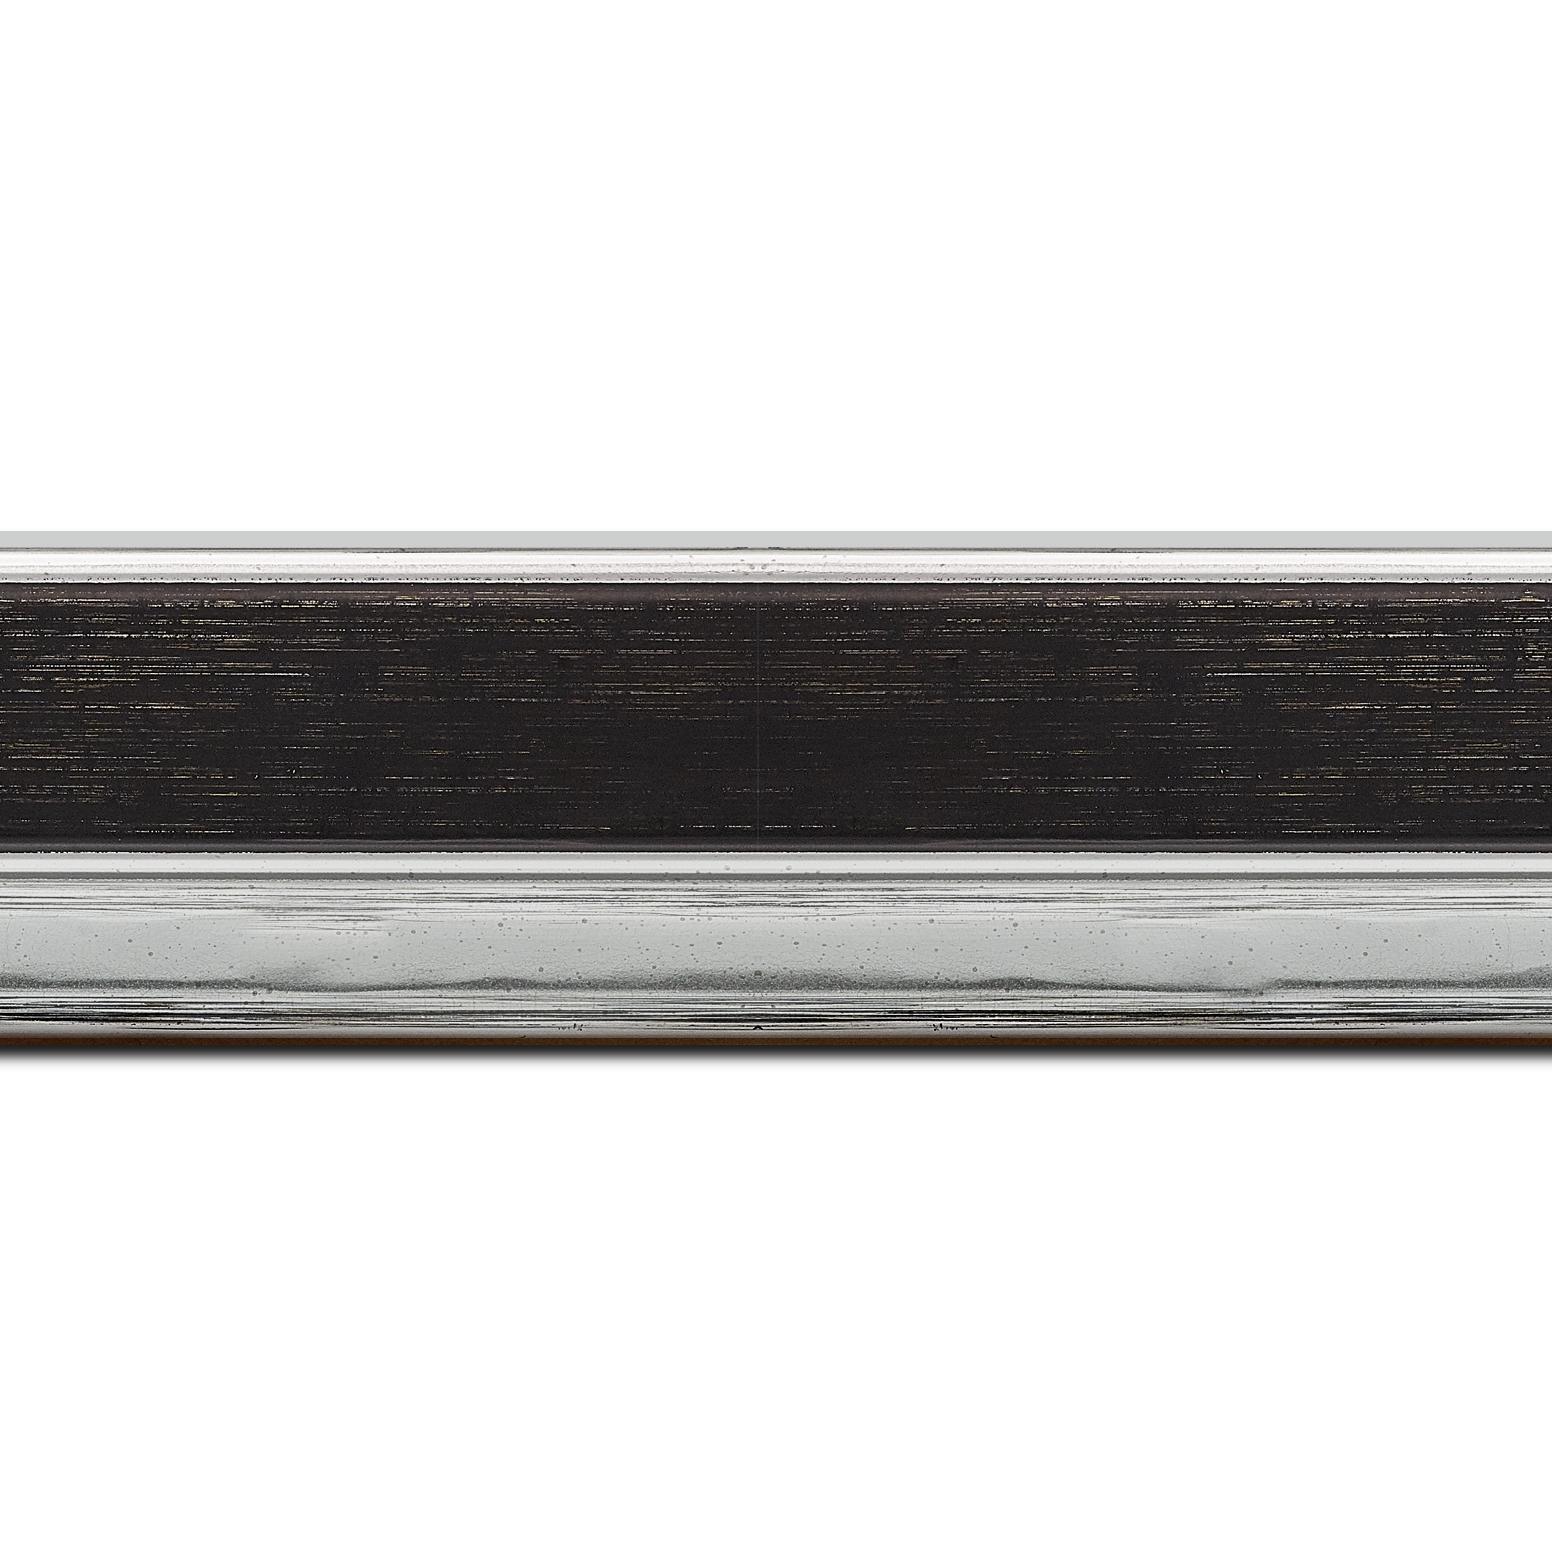 Baguette longueur 1.40m bois profil plat largeur 5cm couleur noir nez argent chromé bosselé